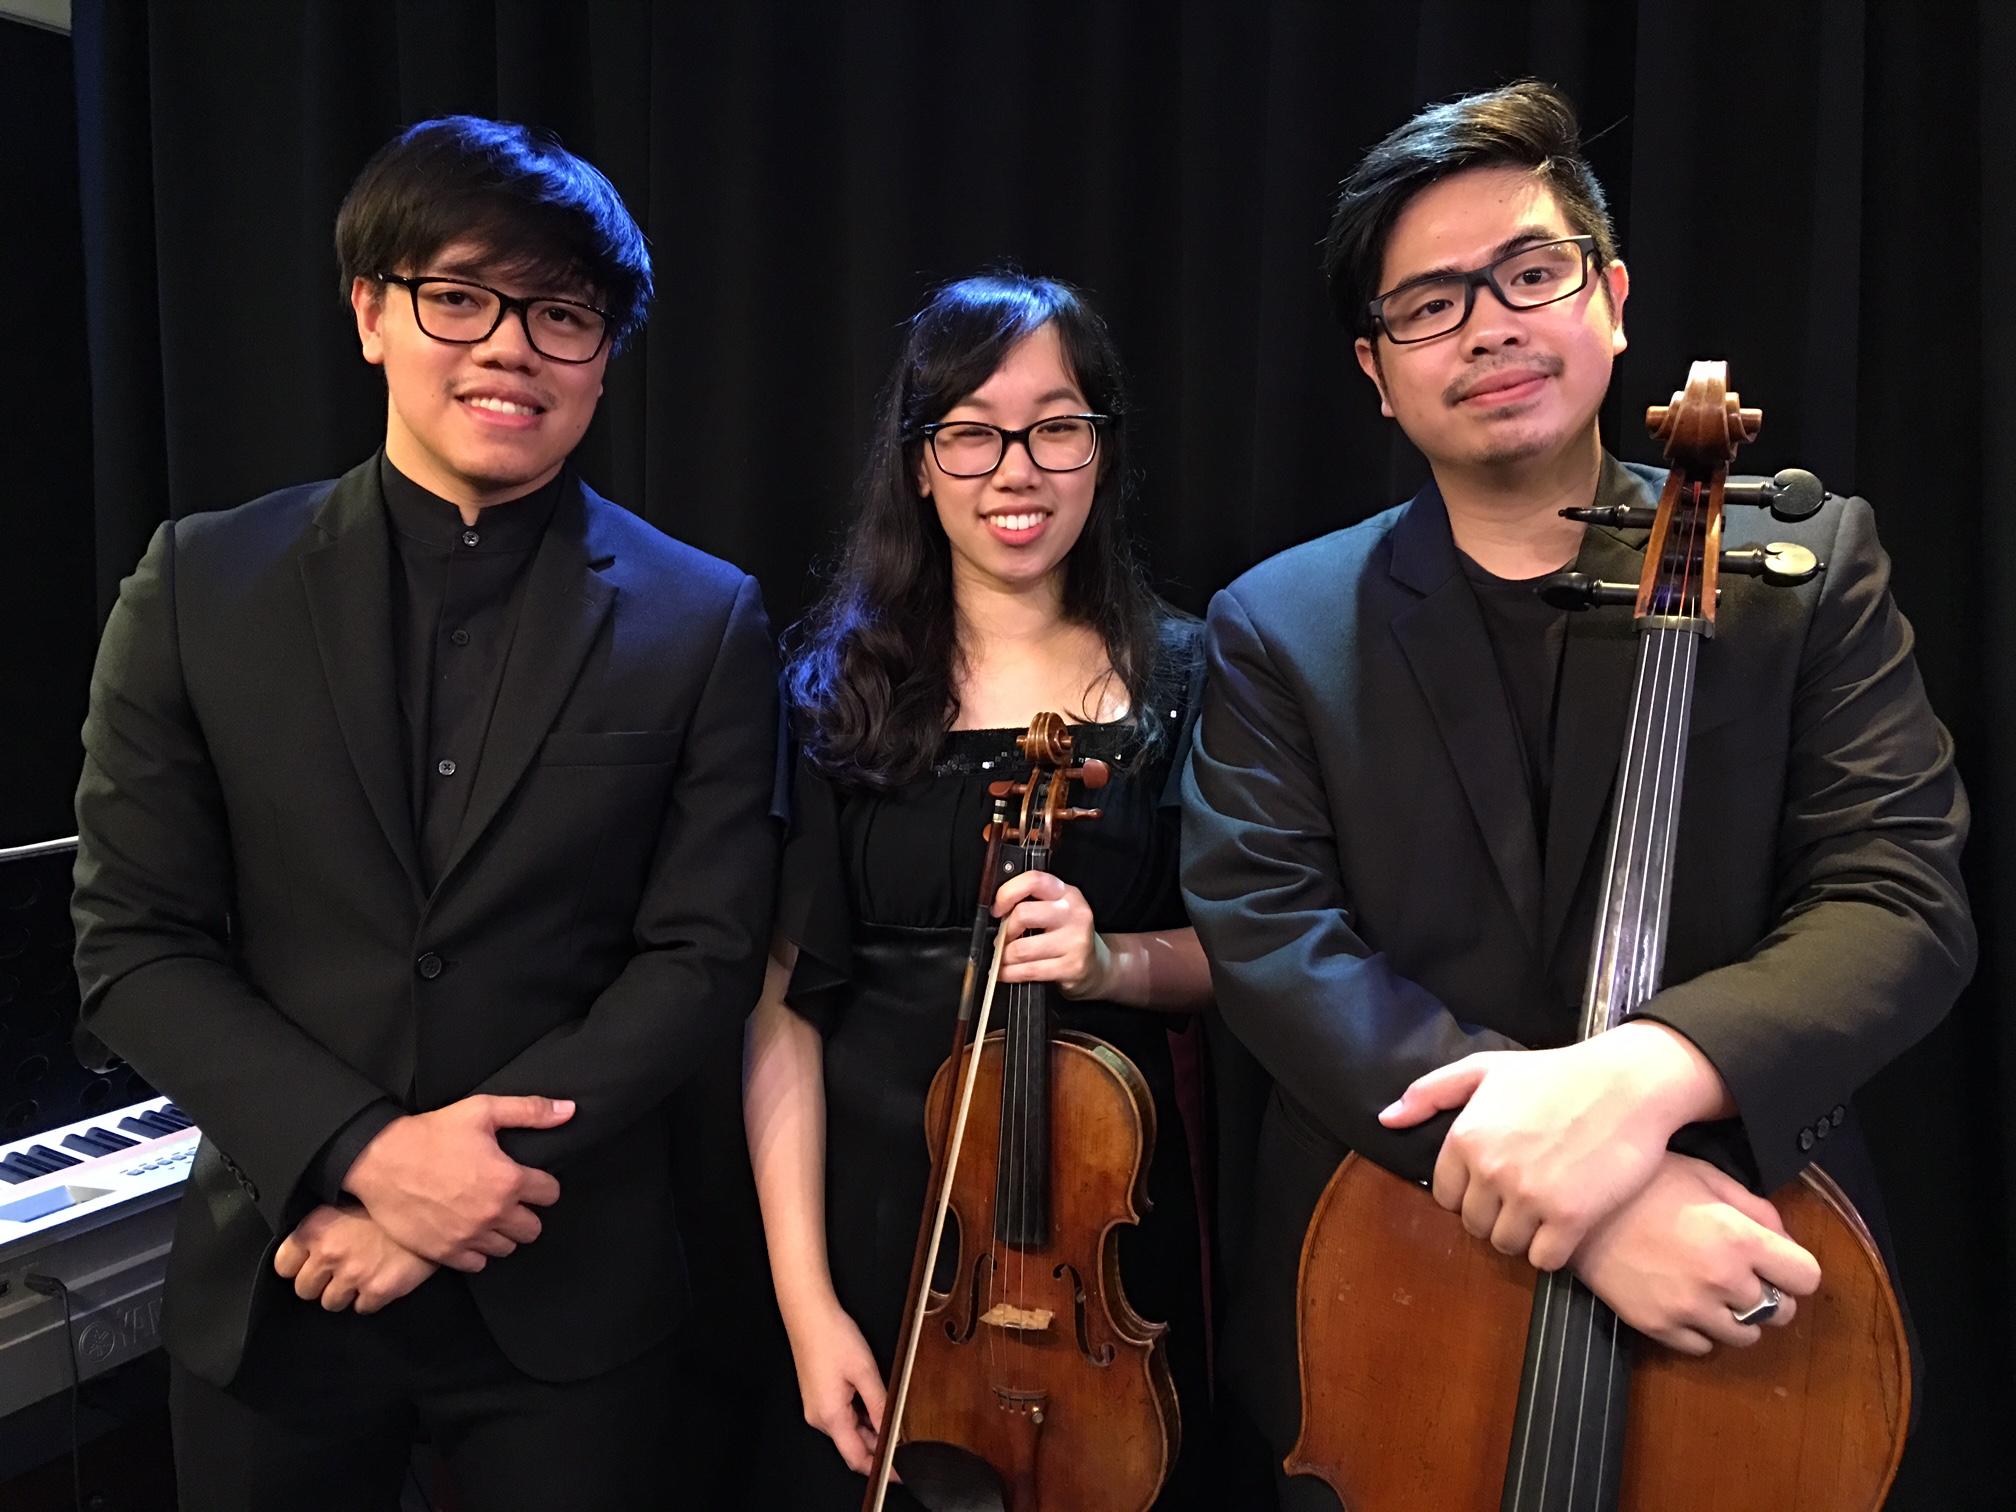 The Brille Trio (l-r): Yossral Songkiatkul, Varissara Tanakom and Vannophat Kaploykeo. (Photo/Ben Hansen)